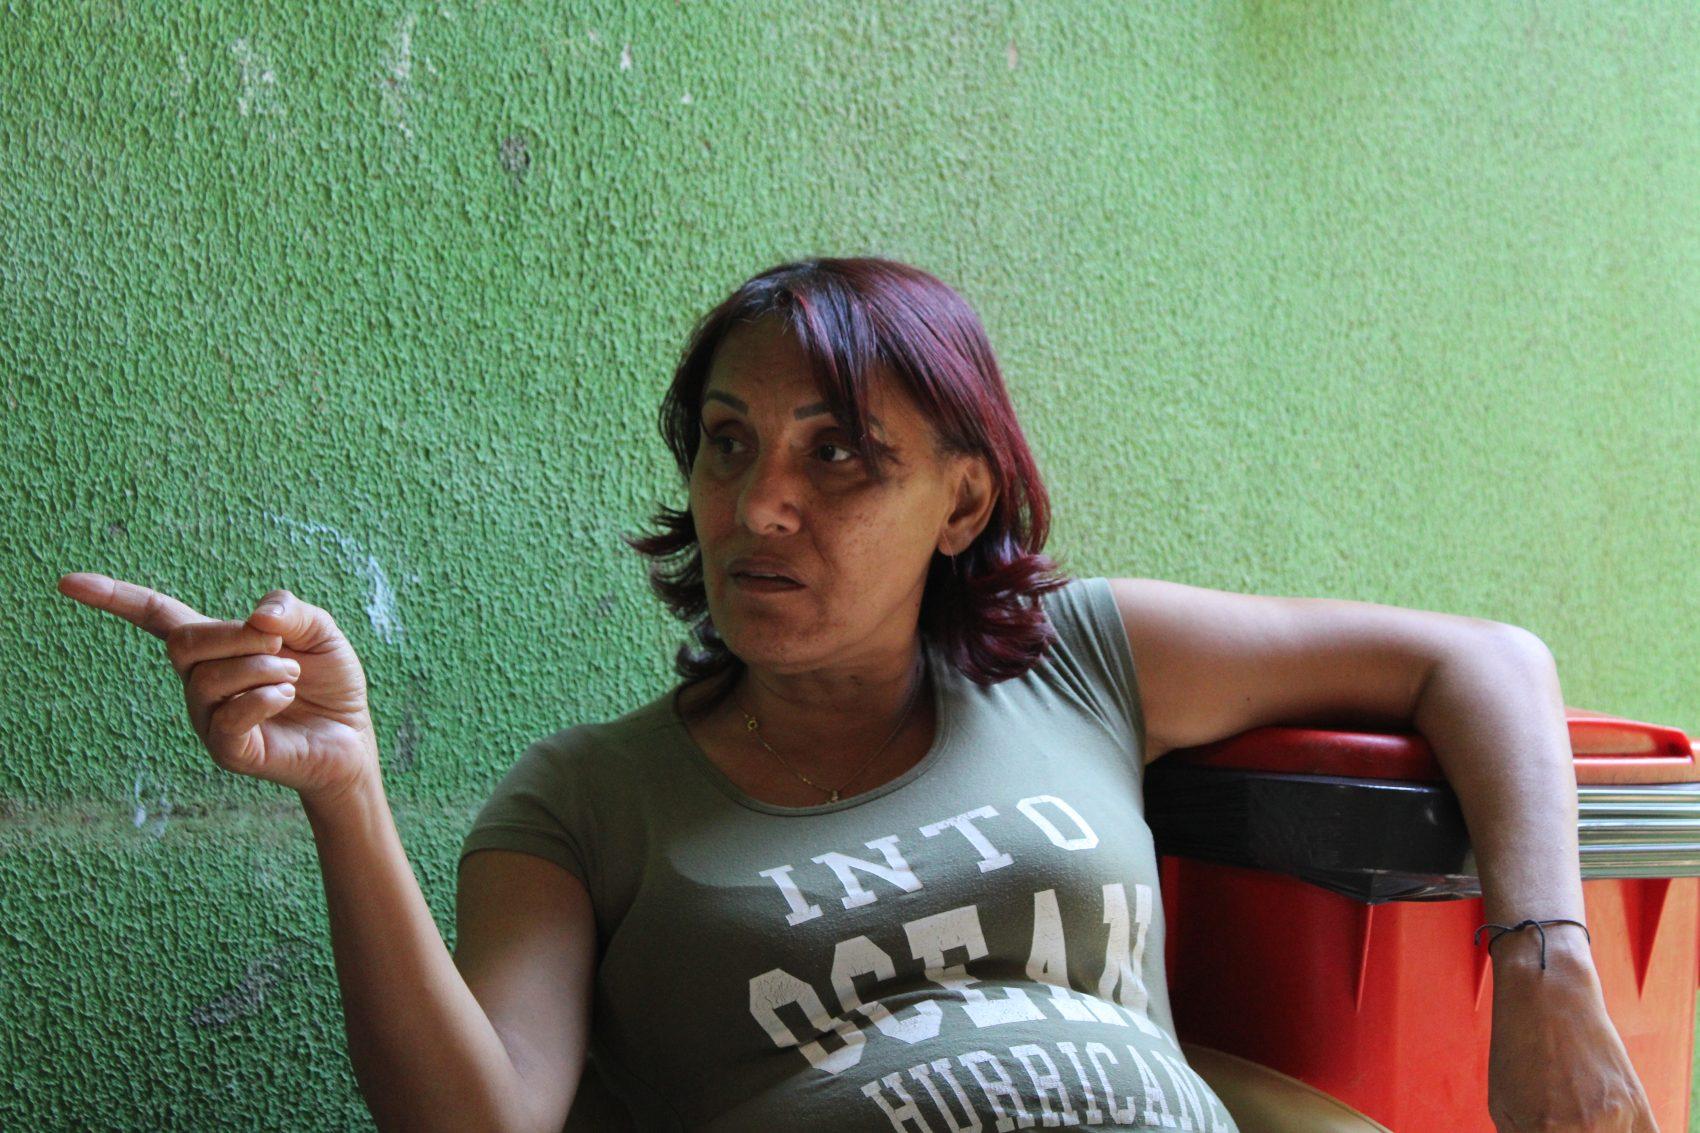 """Francisca Sena, a Nica, e a promessa de abrigar pessoas após 14 anos na rua: """"Eu me vejo no lugar deles e entendo a rejeição"""" (Foto: André Giusti)"""